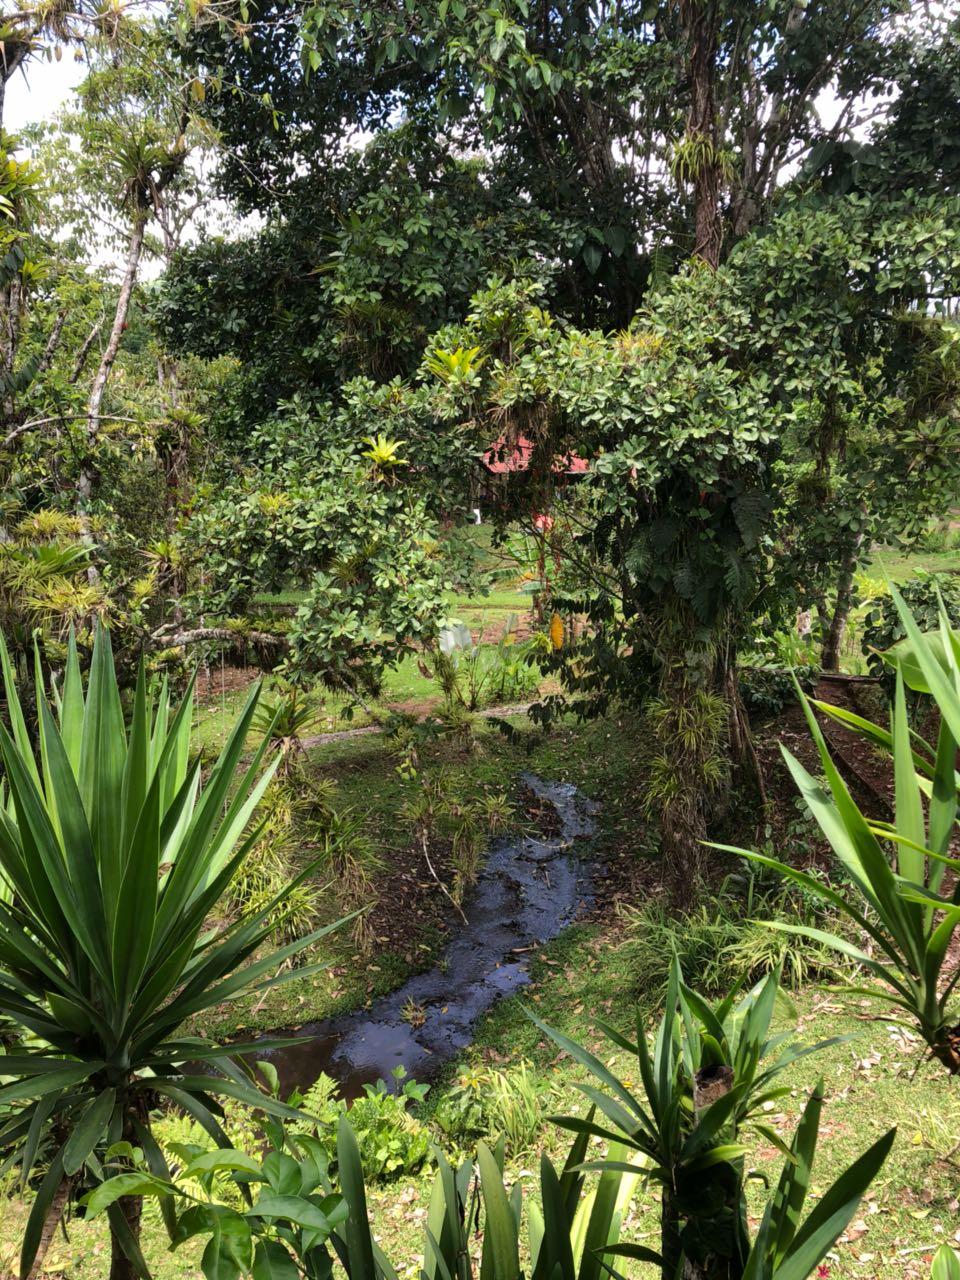 Private Creek